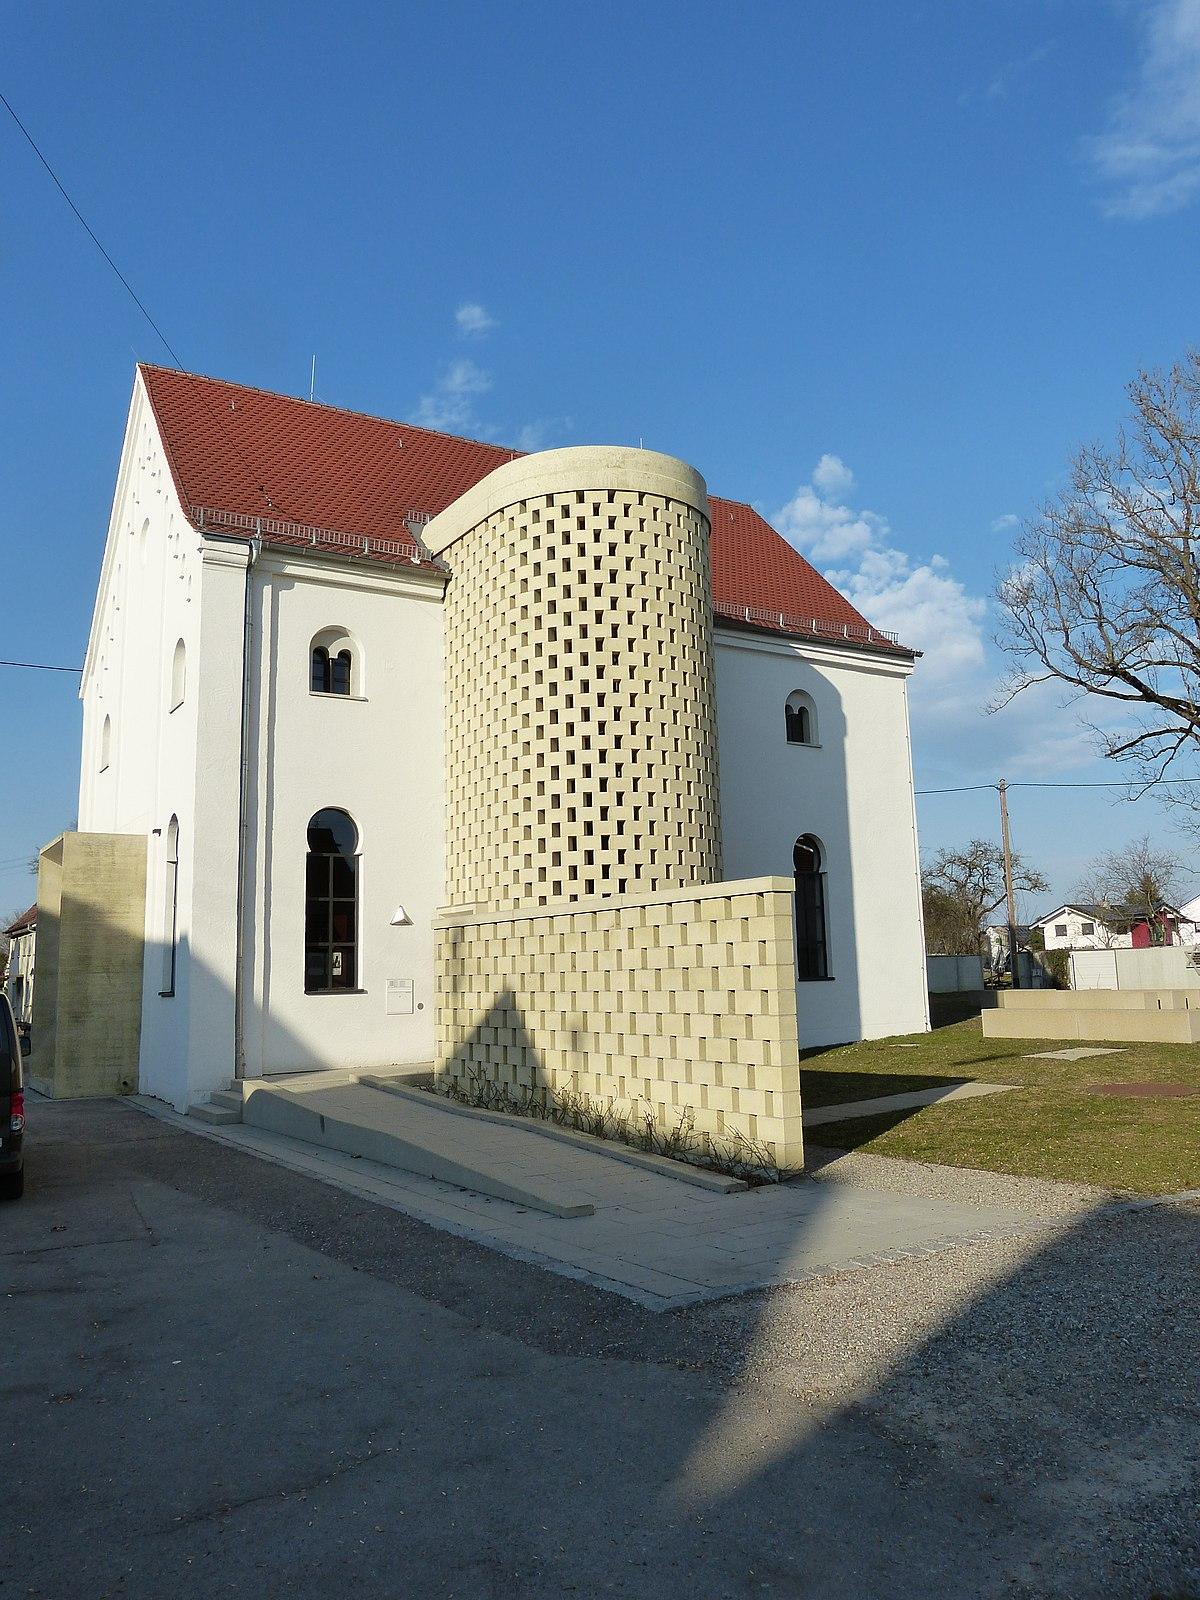 Bildergebnis für fellheim iller synagoge